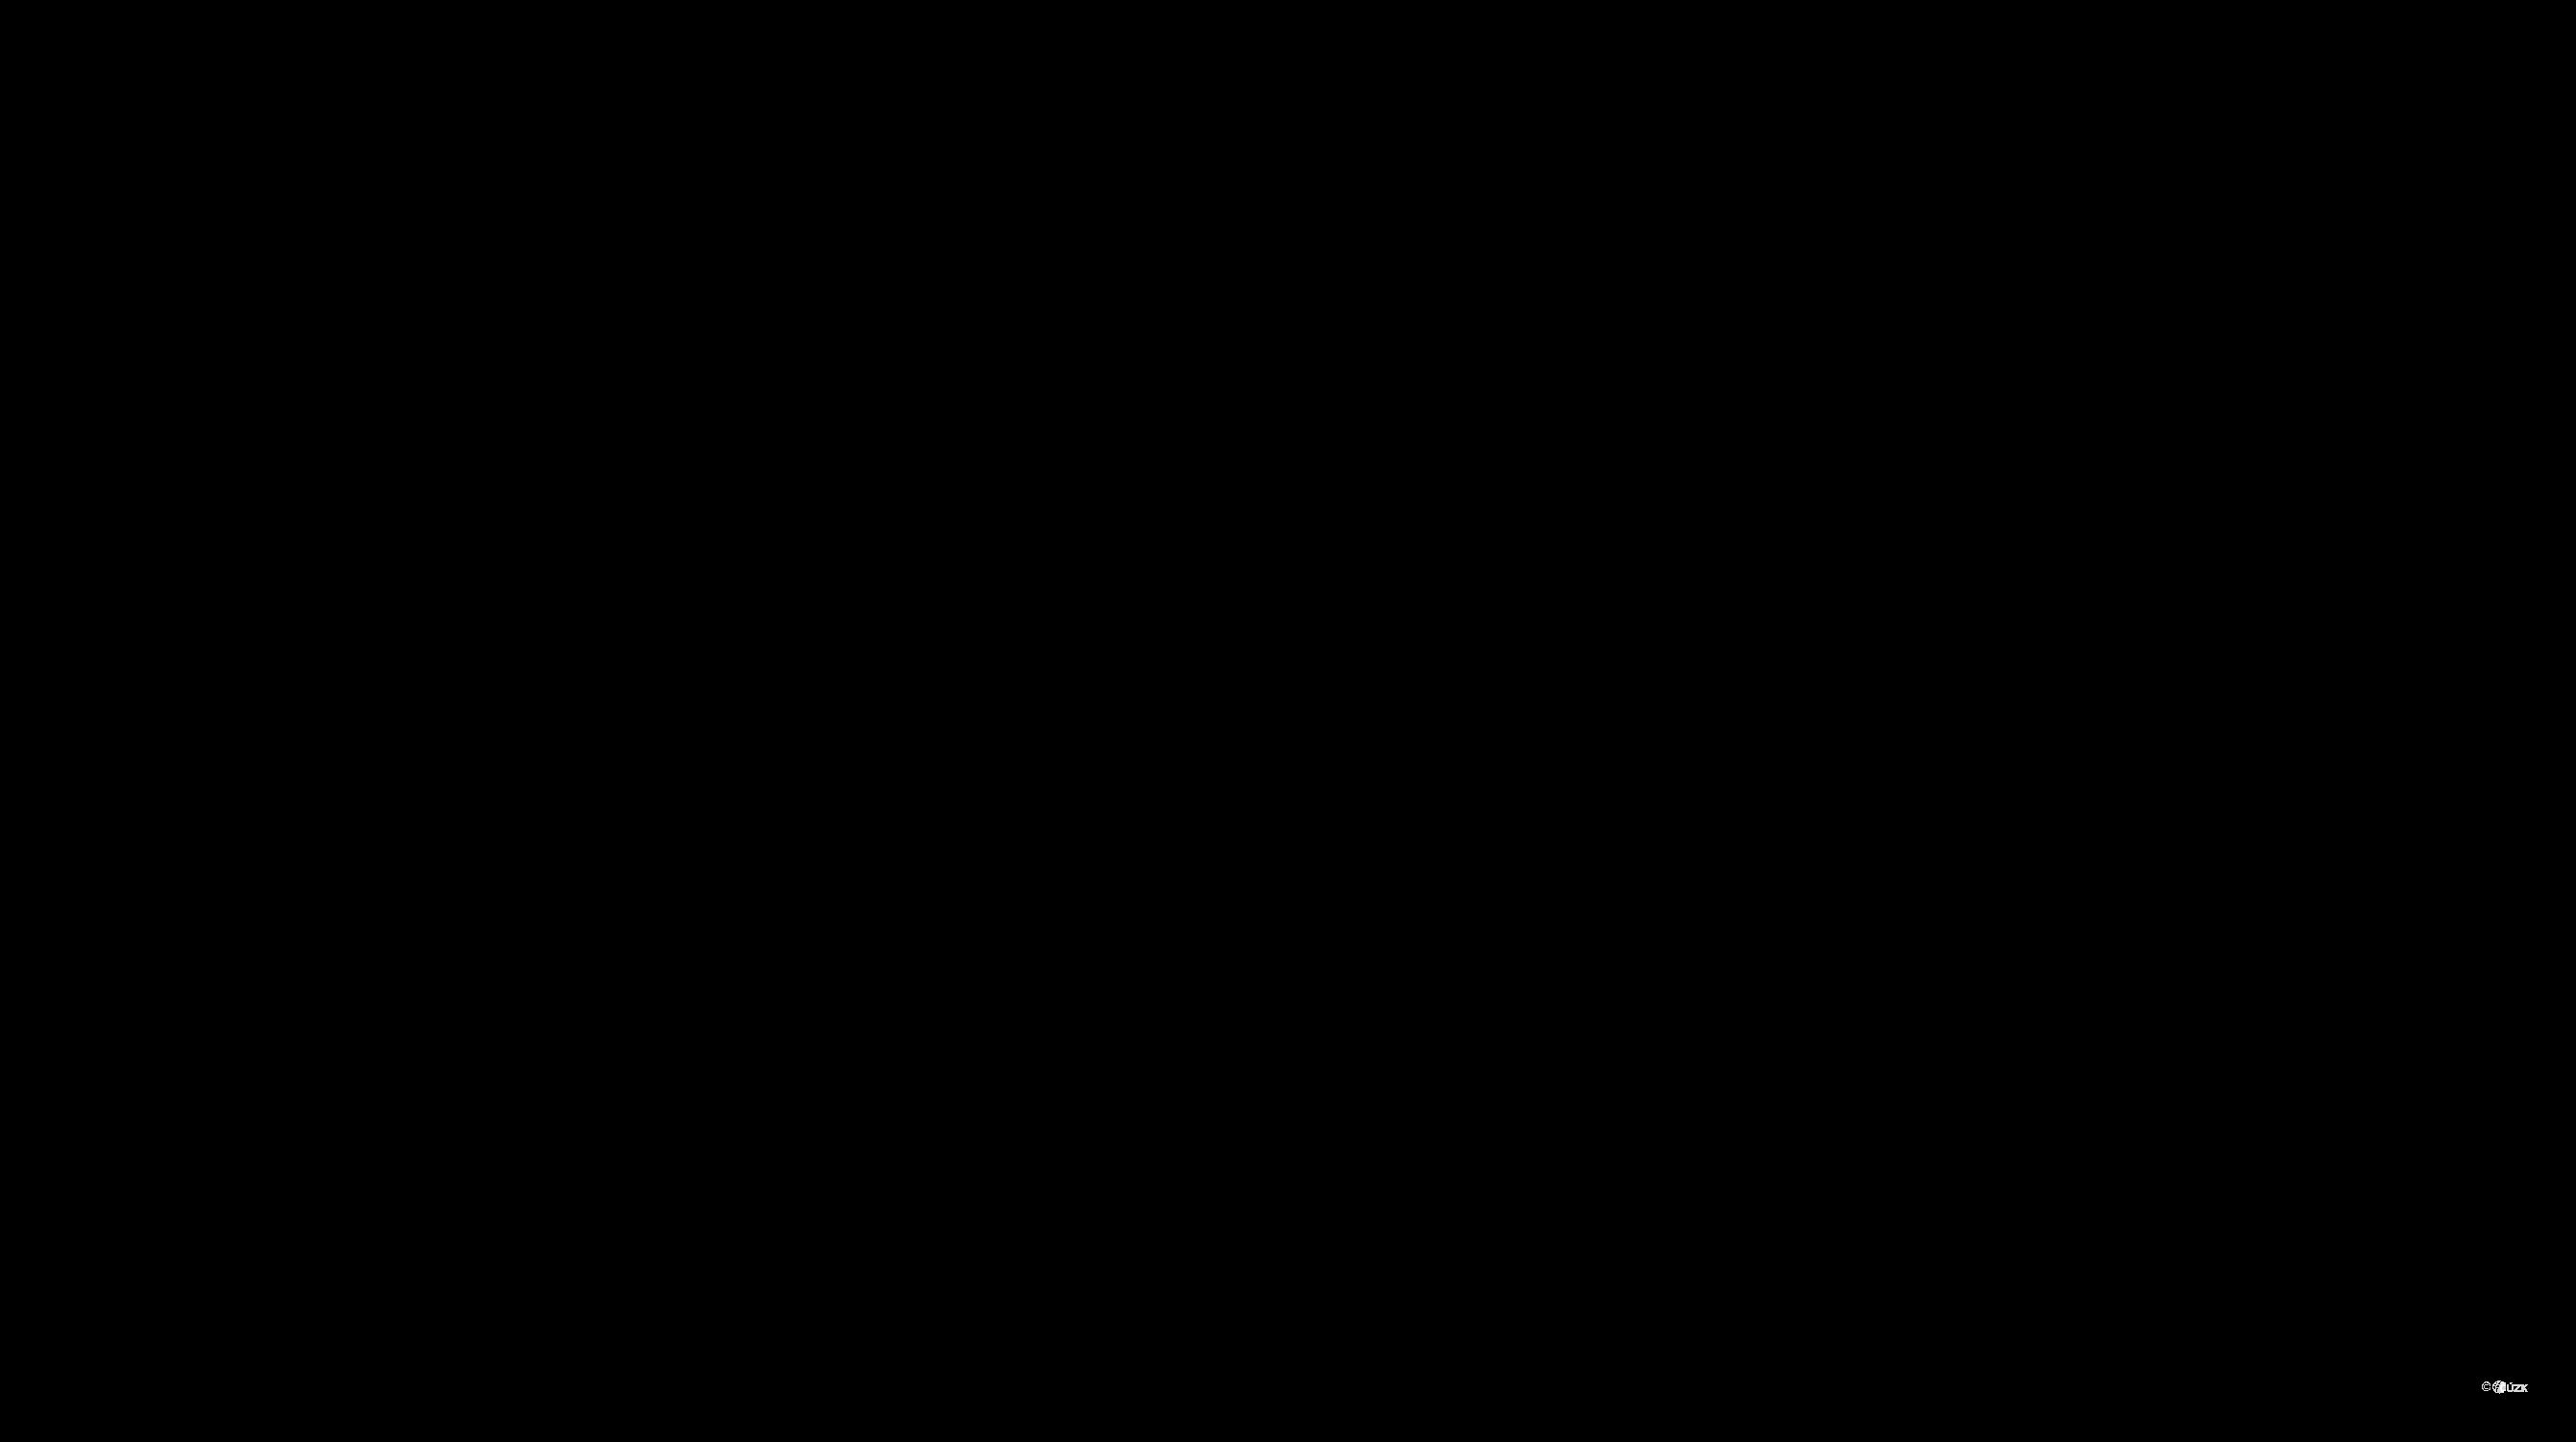 Katastrální mapa pozemků a čísla parcel Jenišov